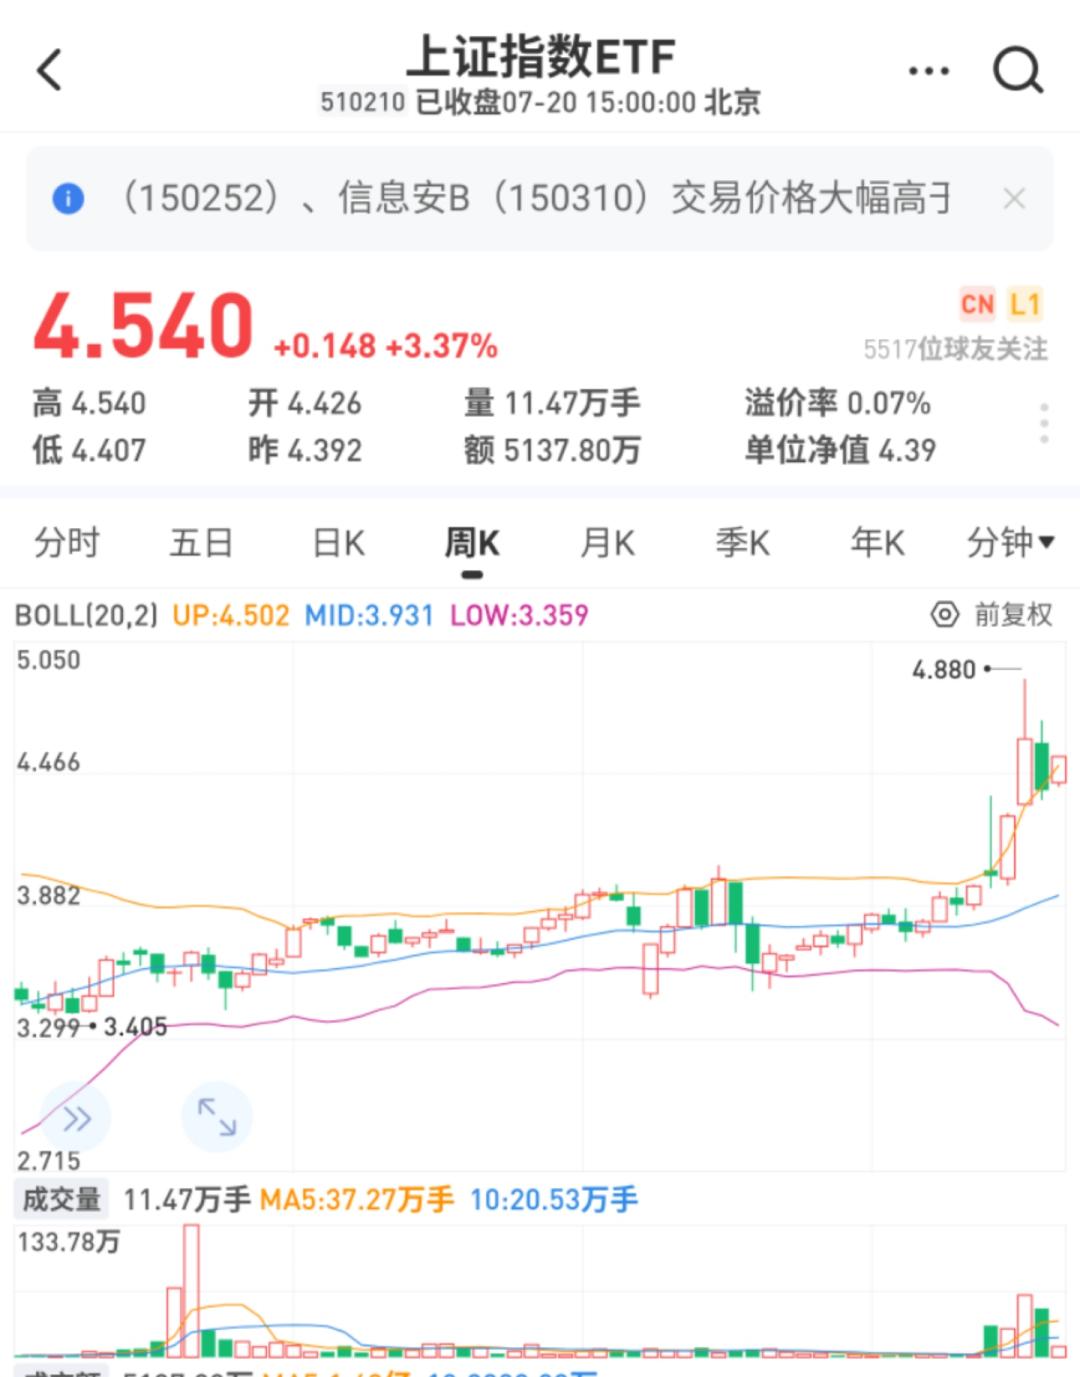 《【万和城品牌】沪指大涨3%,银地保绝地大反击!接下来还有一个投资机会即将爆发》